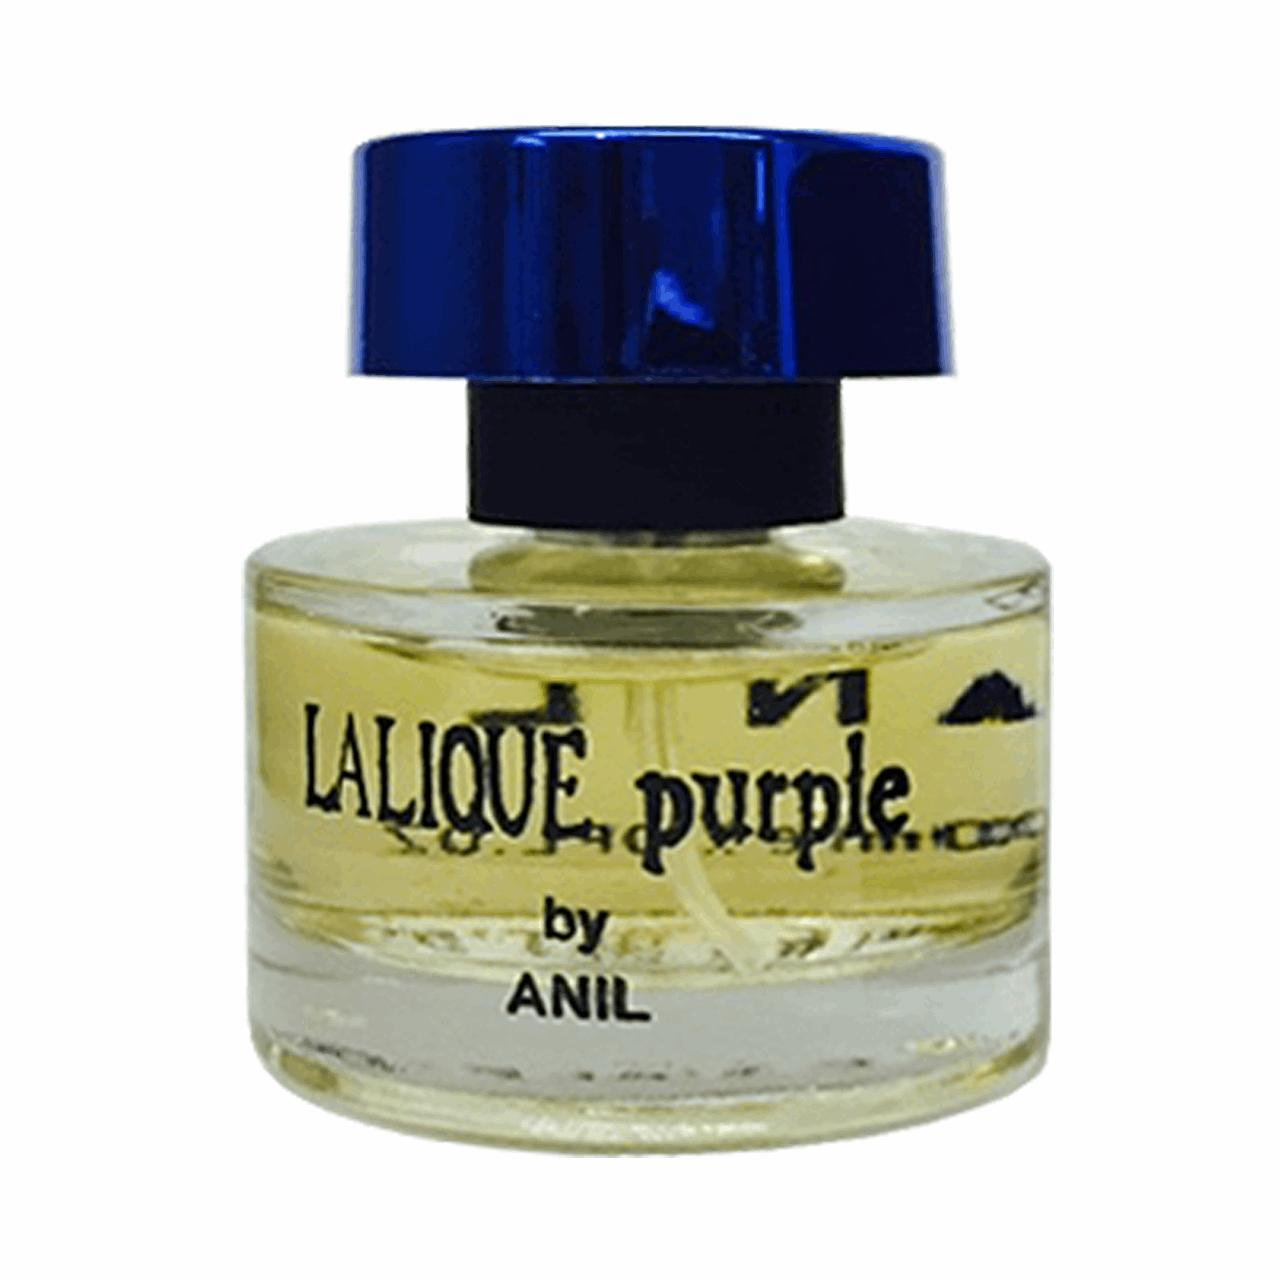 ادو پرفیوم زنانه آنیل مدل Lalique Purpel حجم 30 میلی لیتر